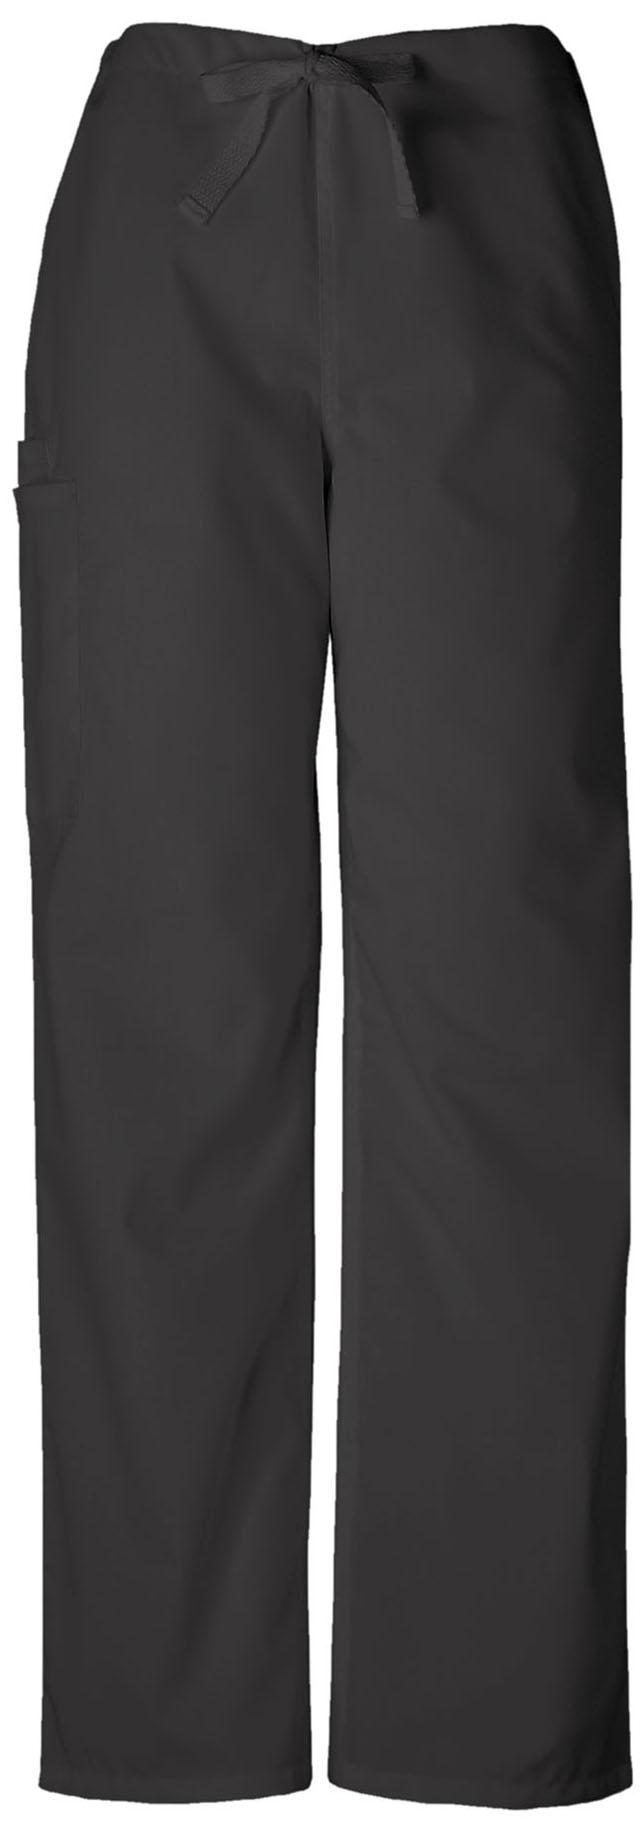 Unisex Drawstring Cargo Pant-